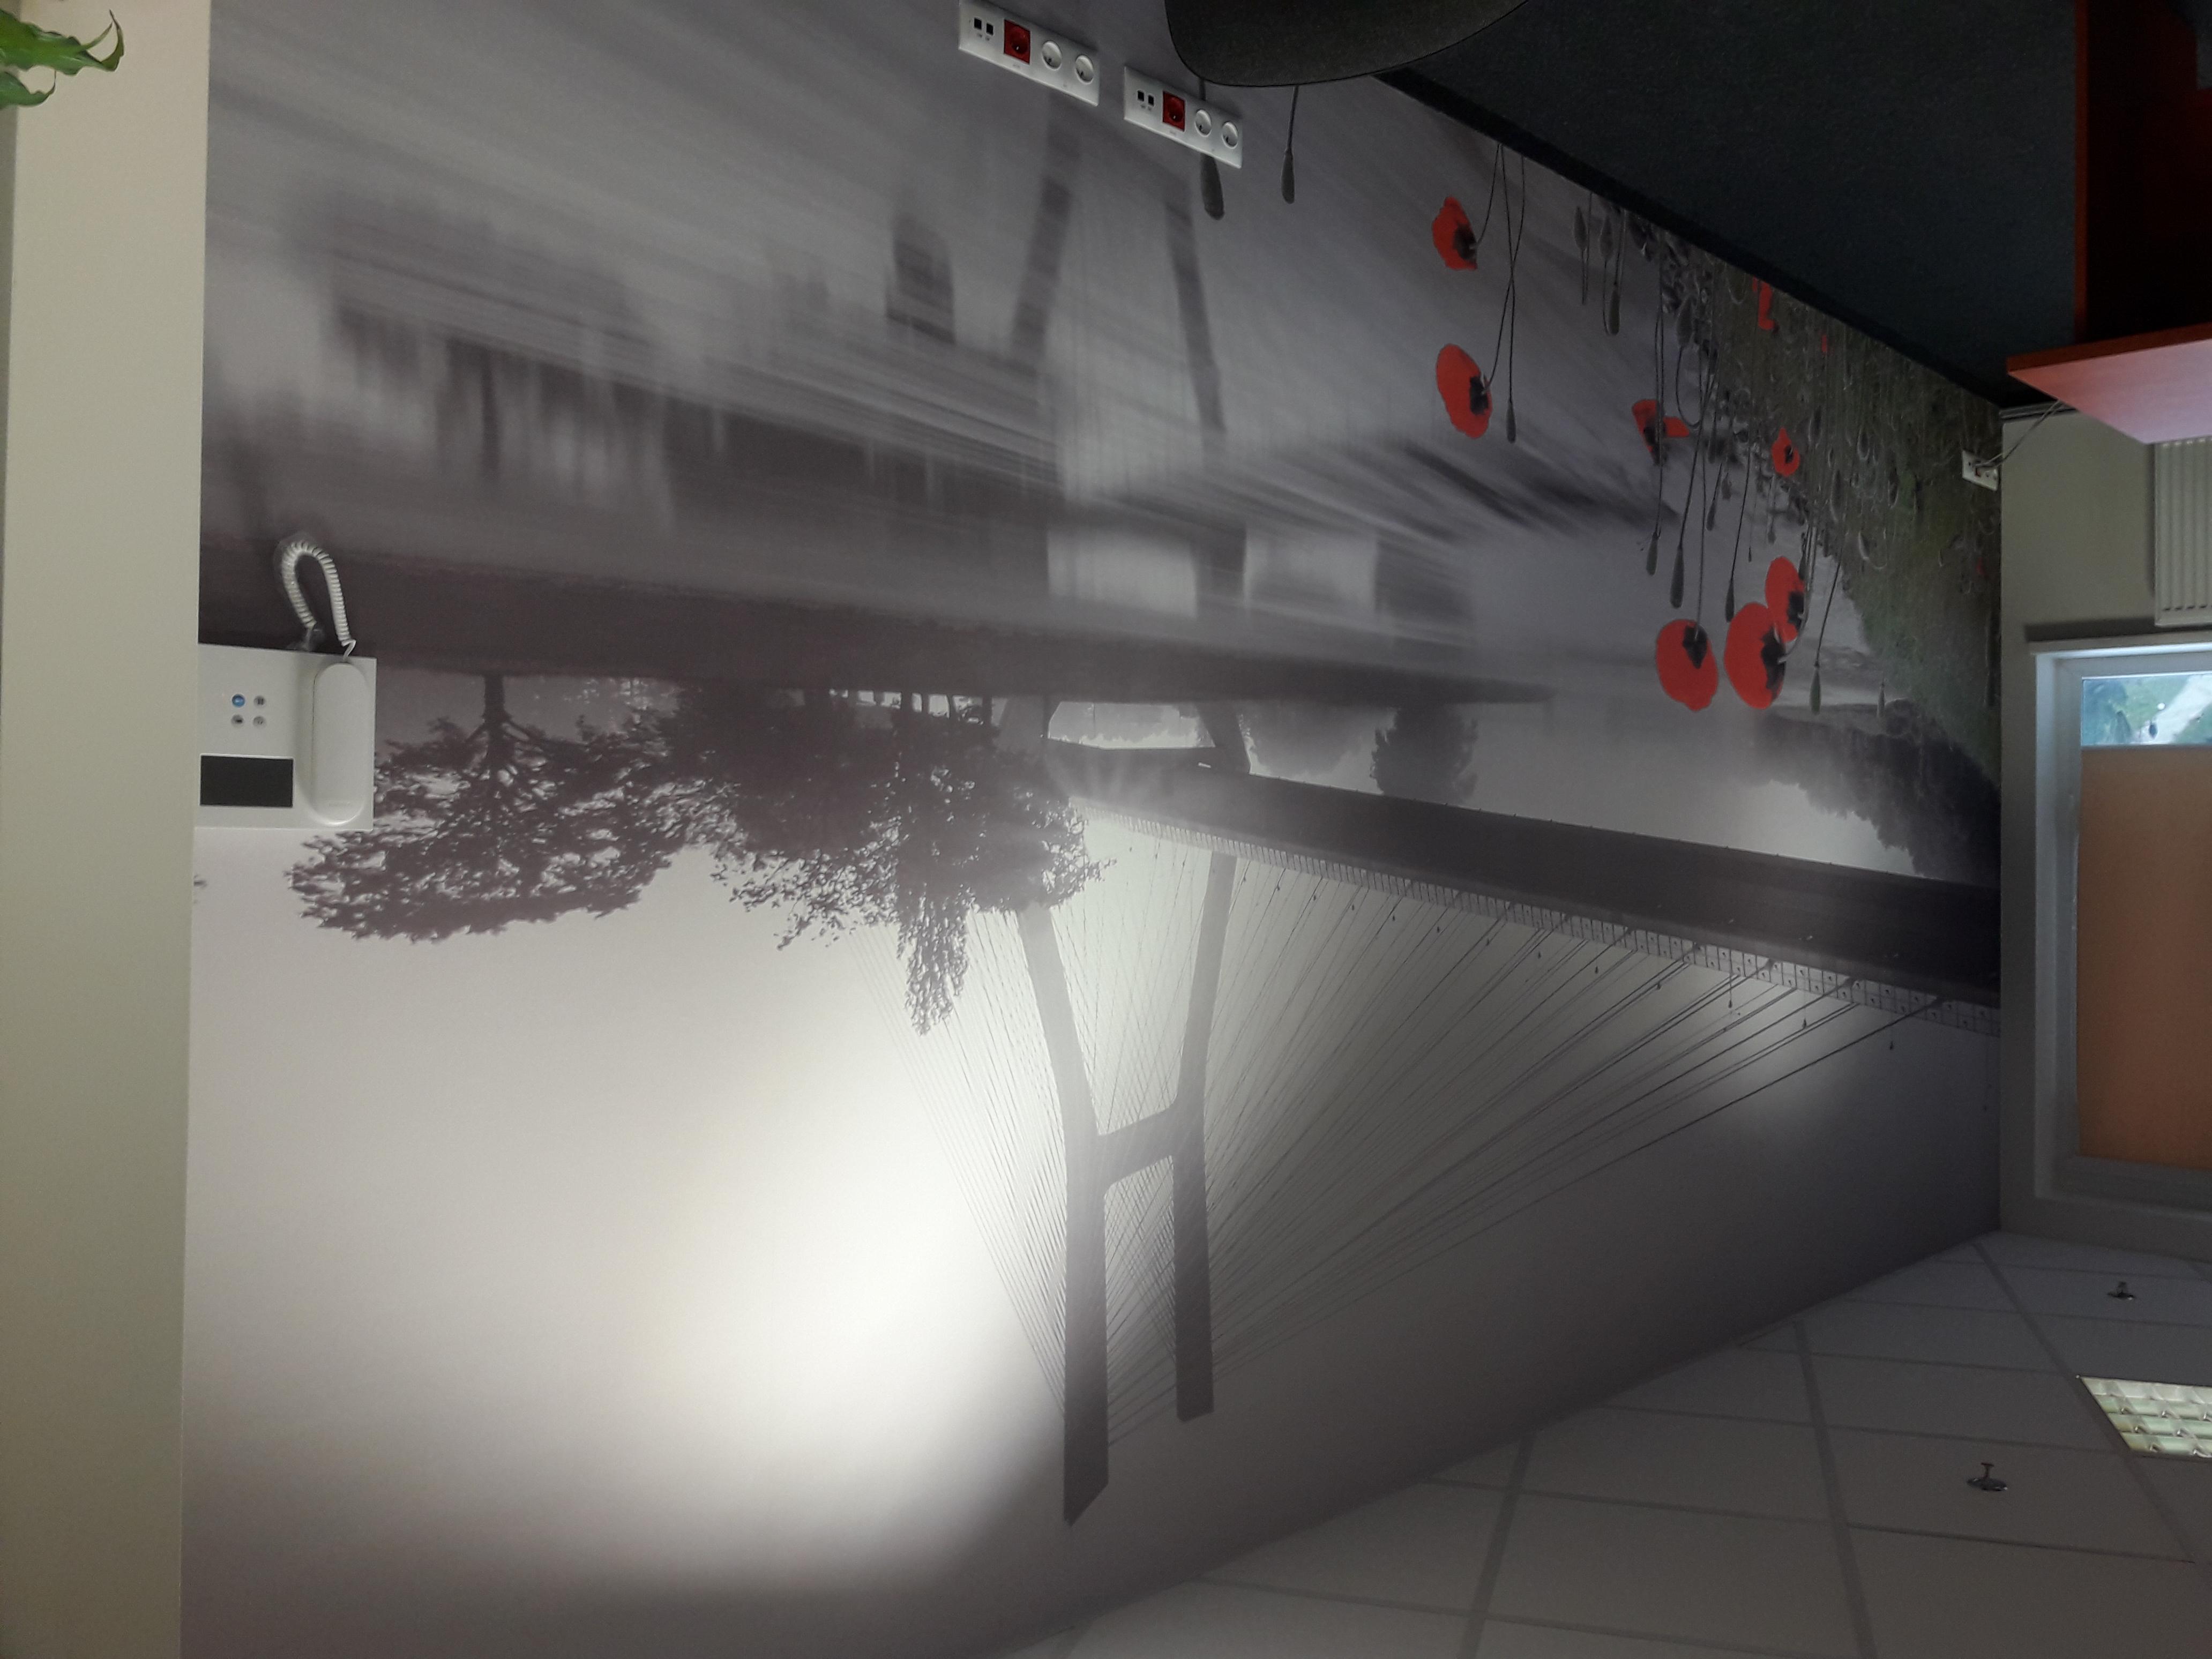 realizacja-fototapety-dla-wroclawskie-mieszkania1.jpg